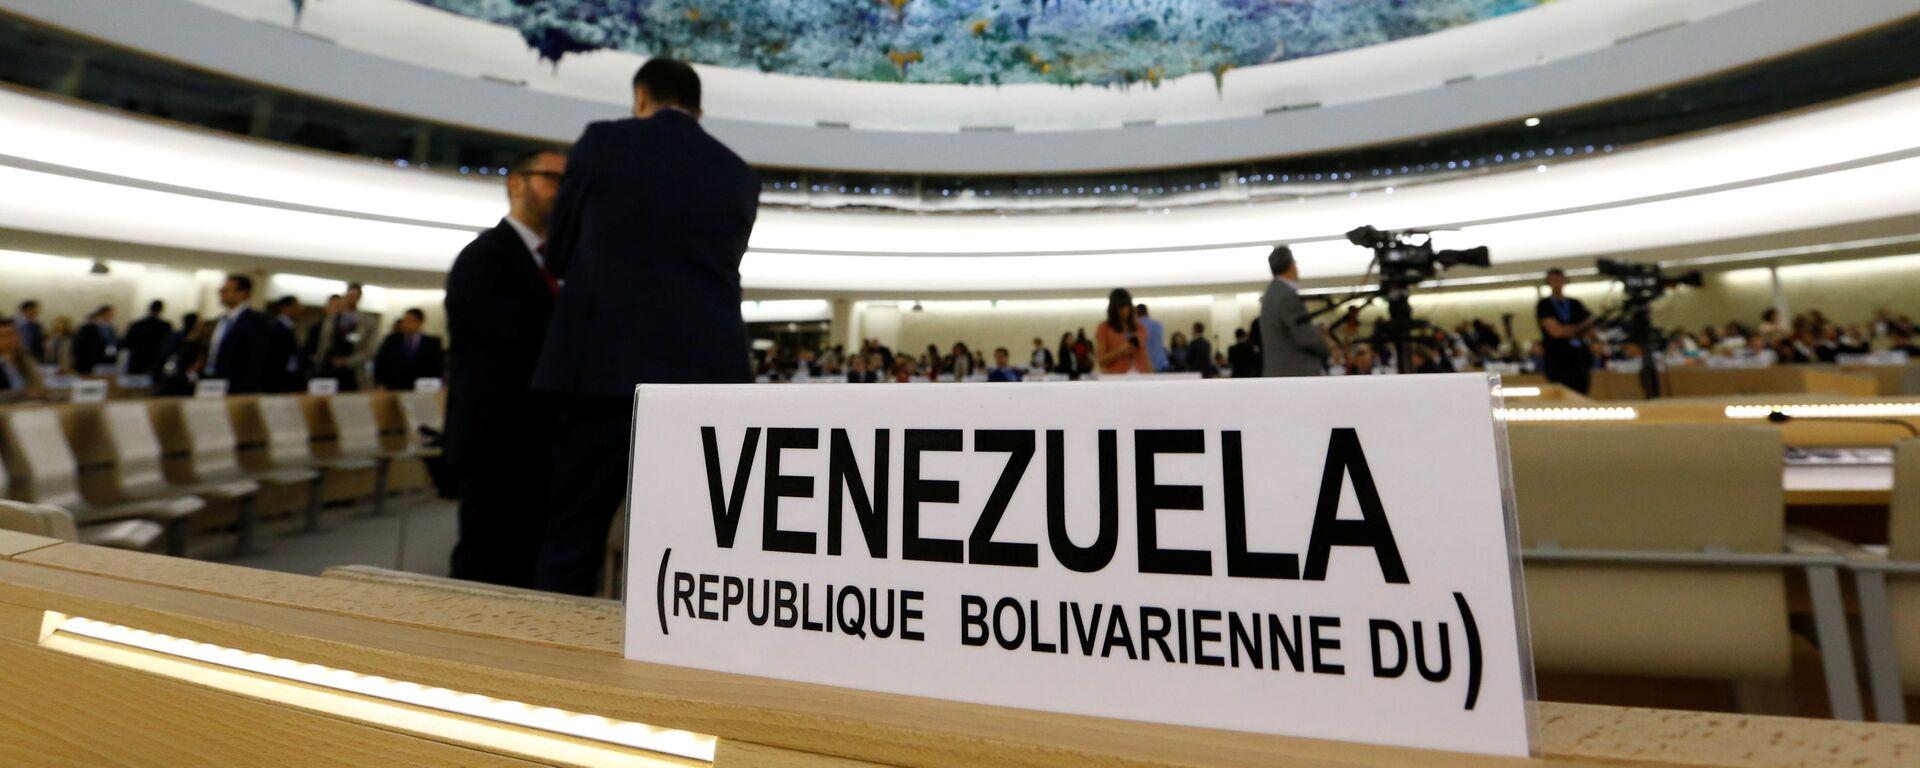 Venezuela presente en la apertura de la 36ª sesión del Consejo de Derechos Humanos de la ONU. - Sputnik Mundo, 1920, 05.07.2021